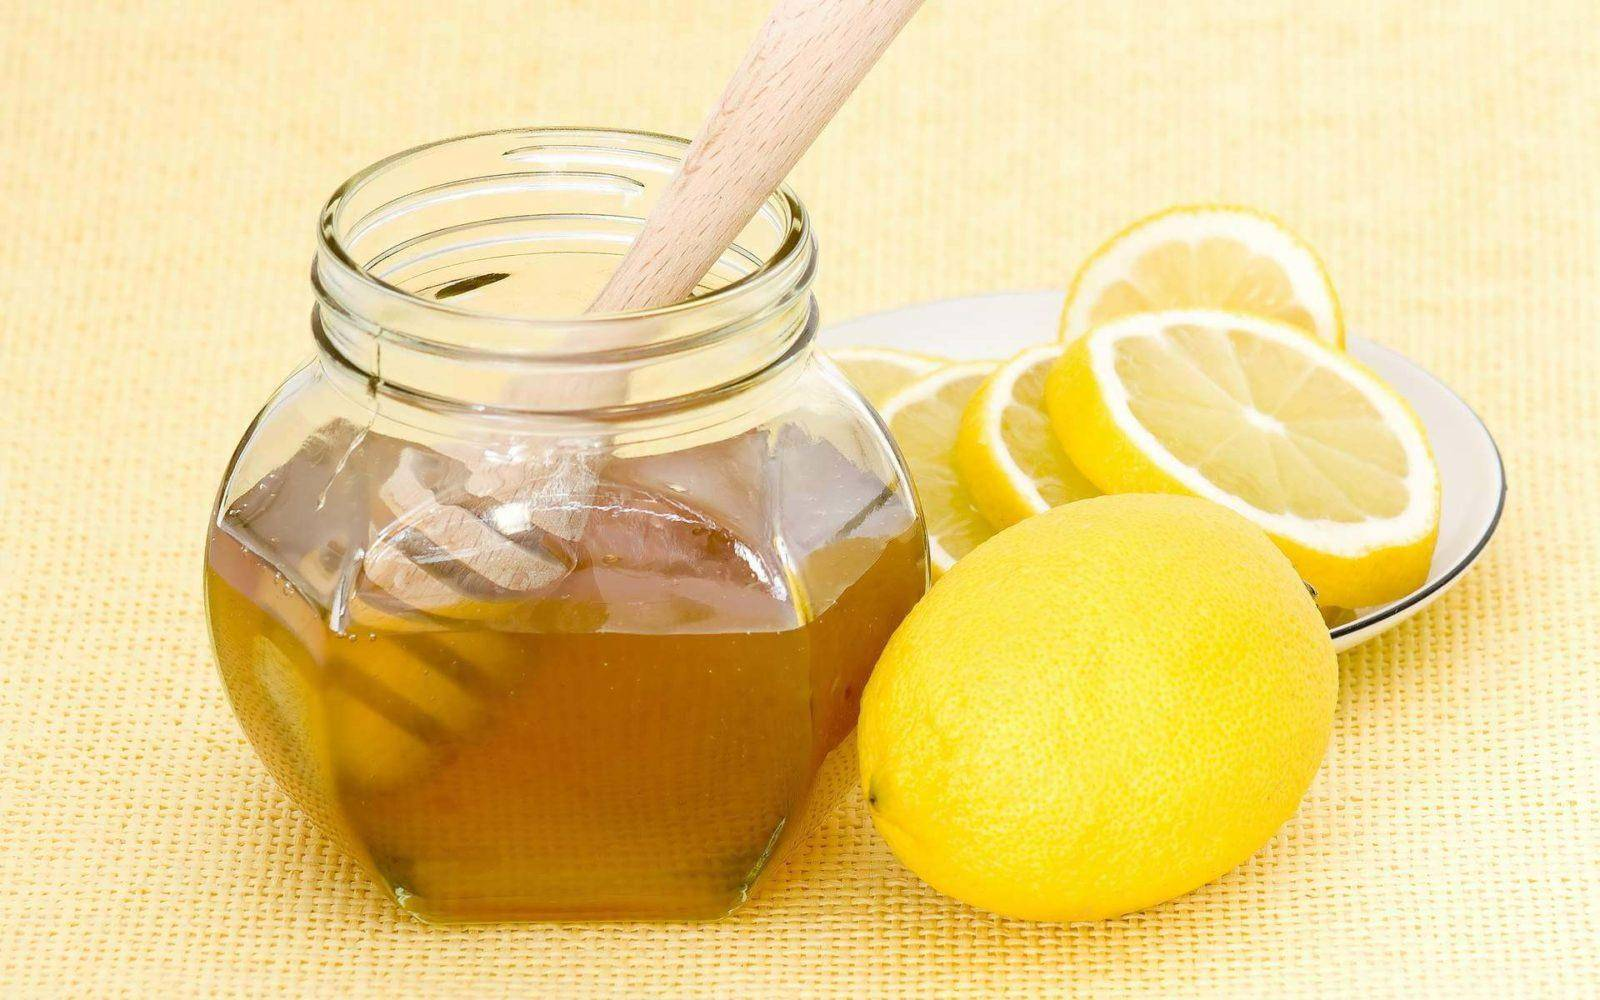 Применение масла чайного дерева : инструкция по применению   компетентно о здоровье на ilive